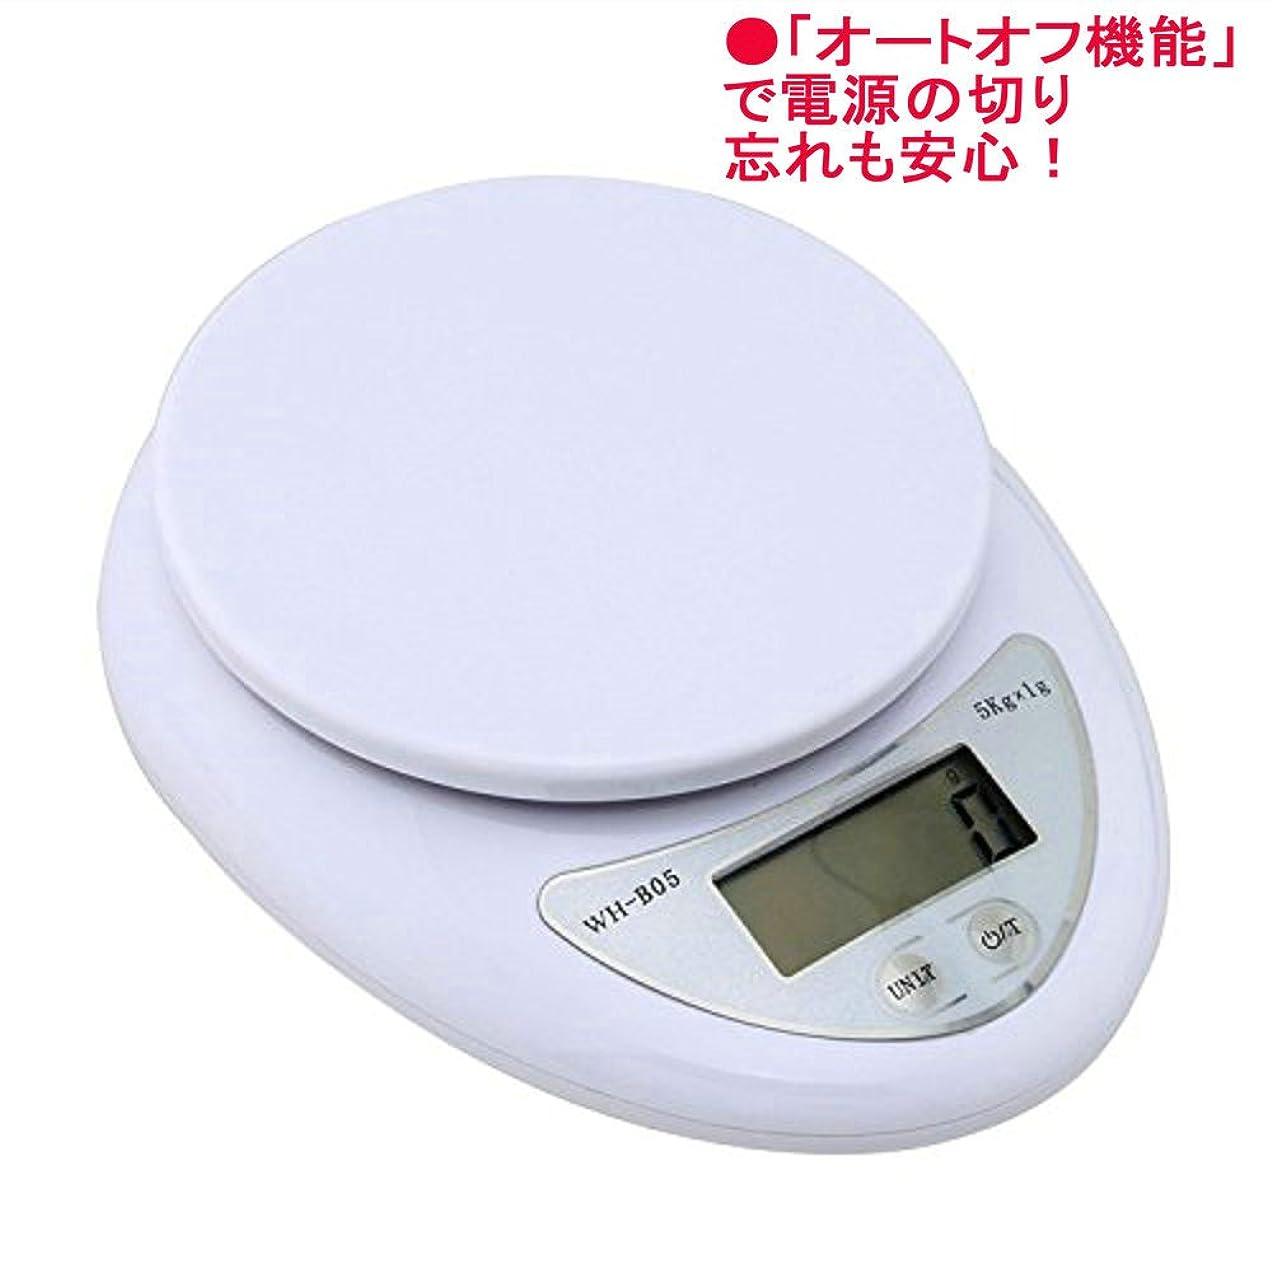 追加する傾向があります触手ZMAYA STAR デジタルスケール 電子秤 0.1-5kg ZA160309-1A